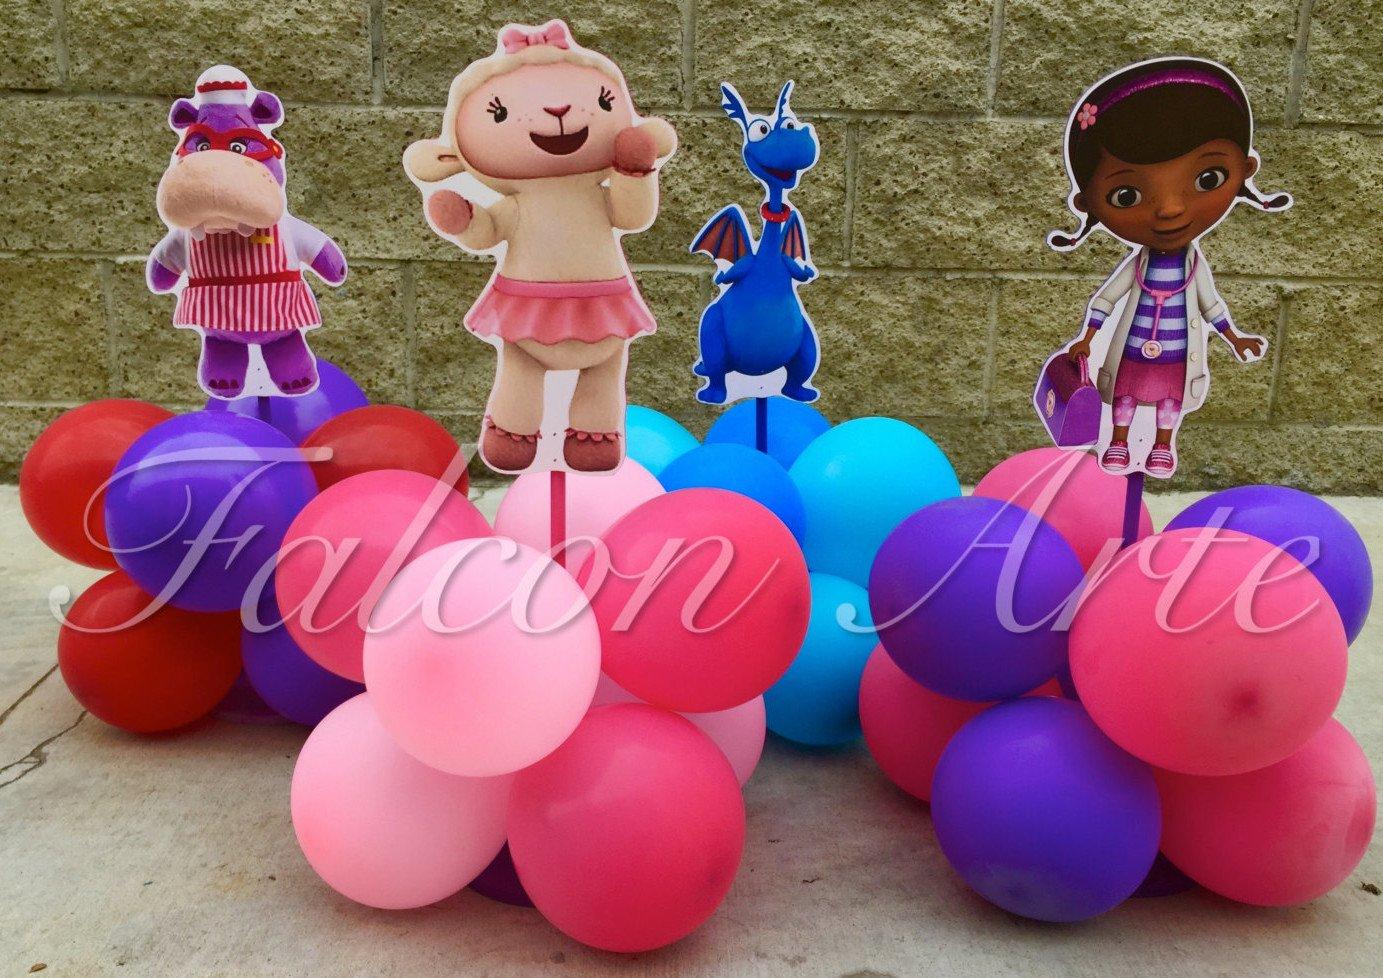 Doc McStuffins Balloon Centerpieces